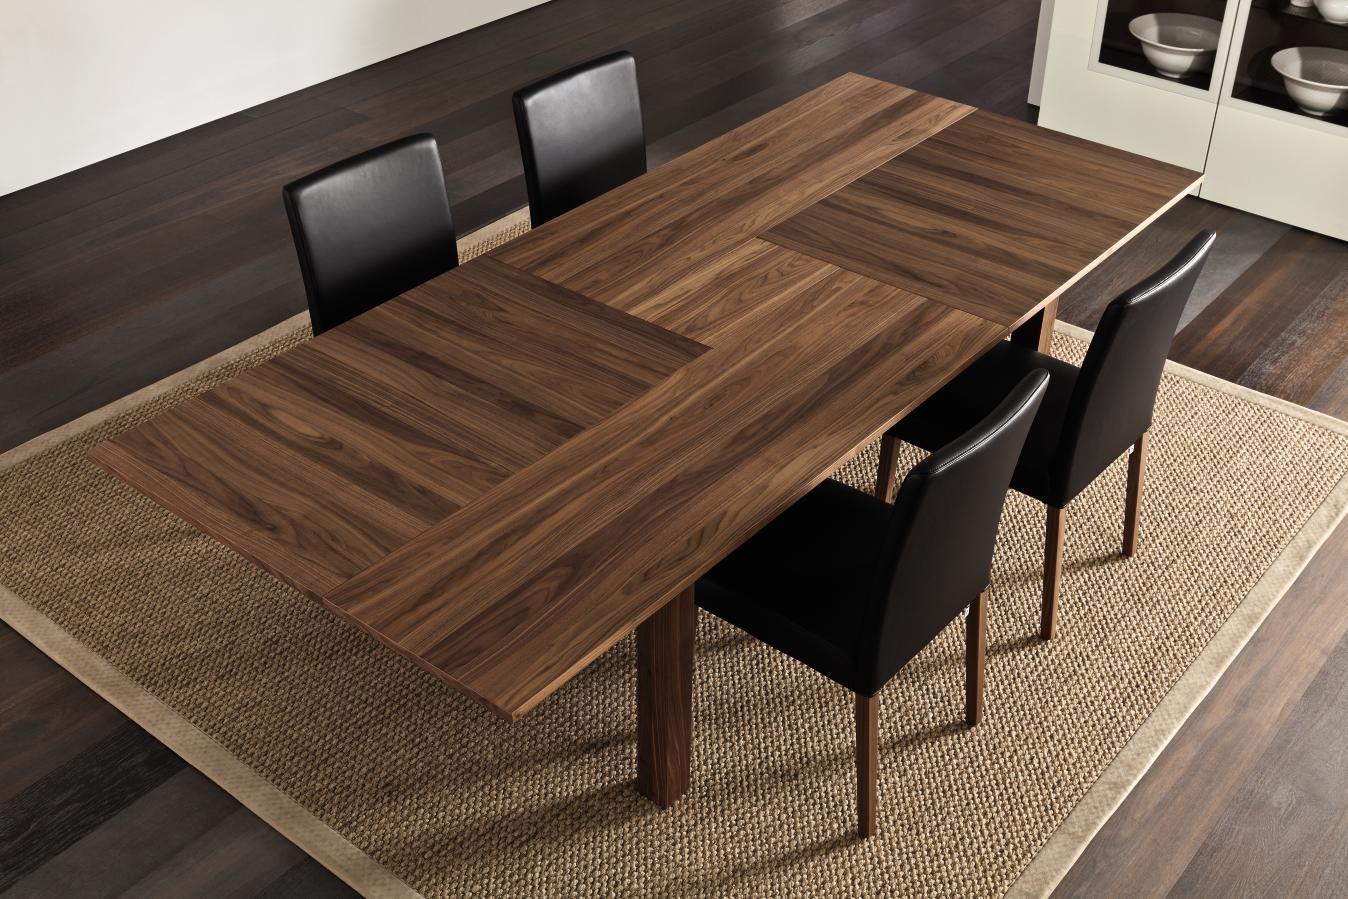 h lsta la table de repas et 1700 en coeur de noyer en laqu pour votre int rieur design salle a. Black Bedroom Furniture Sets. Home Design Ideas